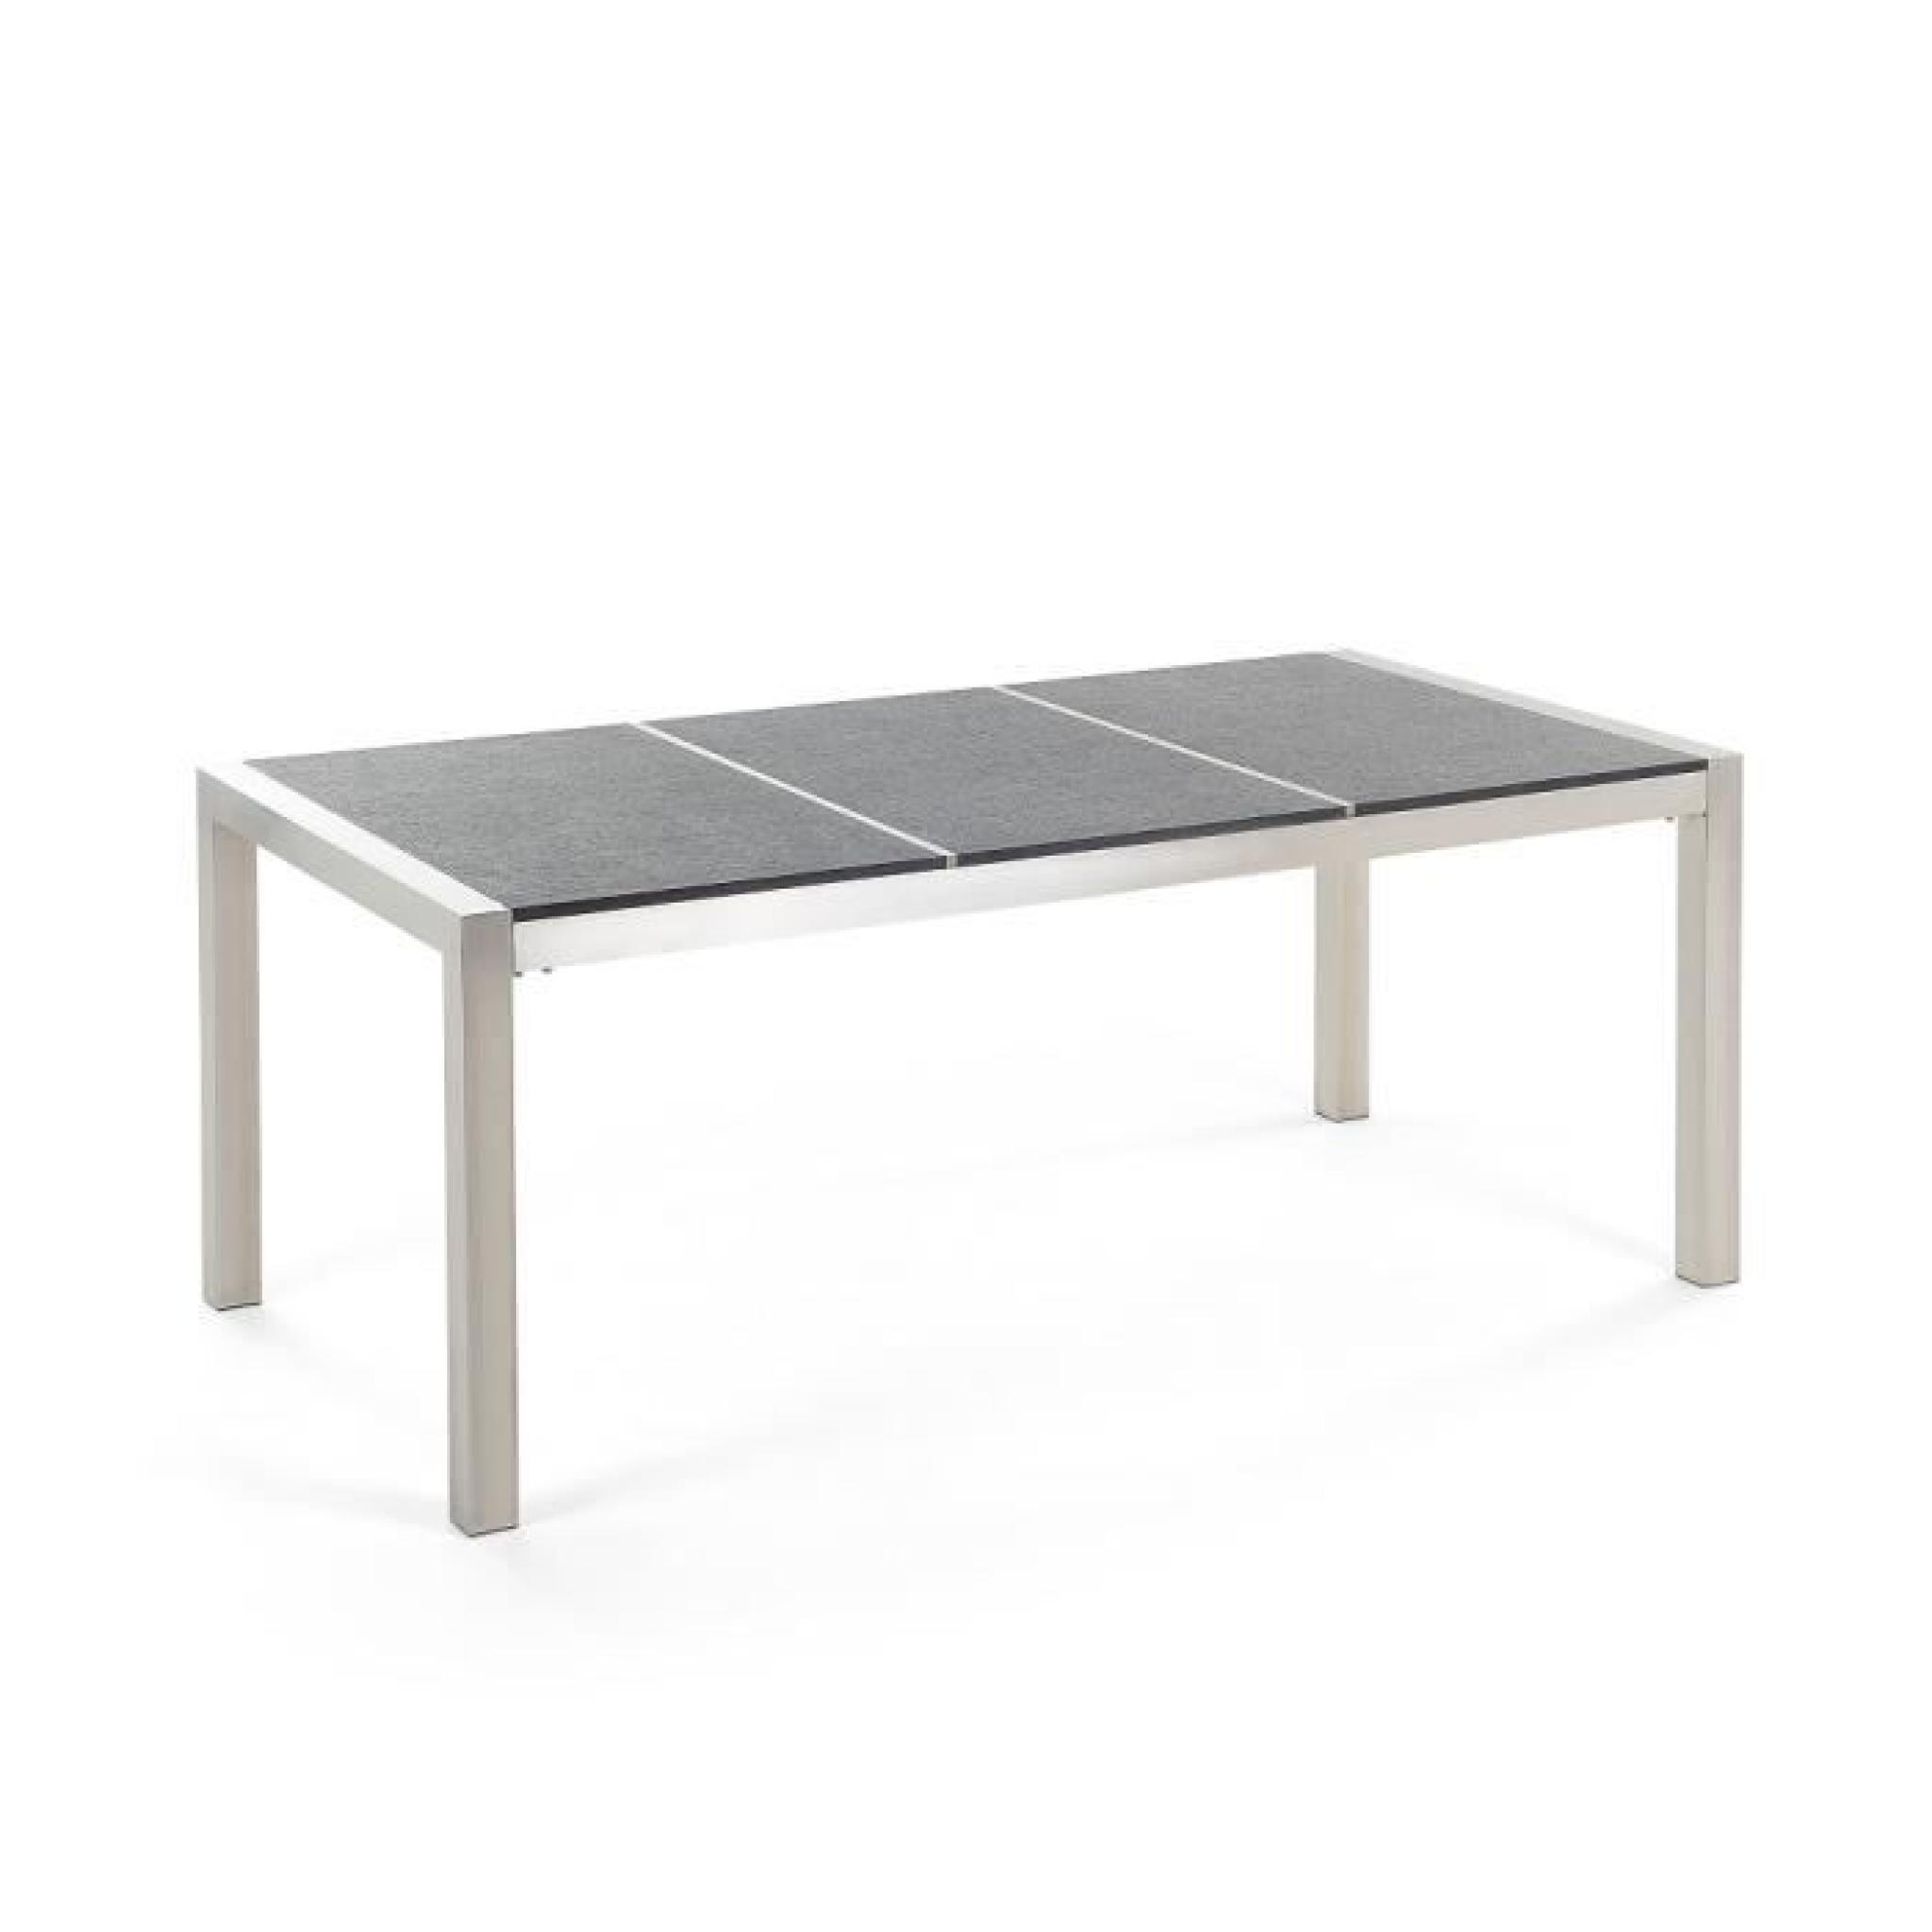 Table de jardin acier inox - plateau granit triple bois 220 cm avec ...